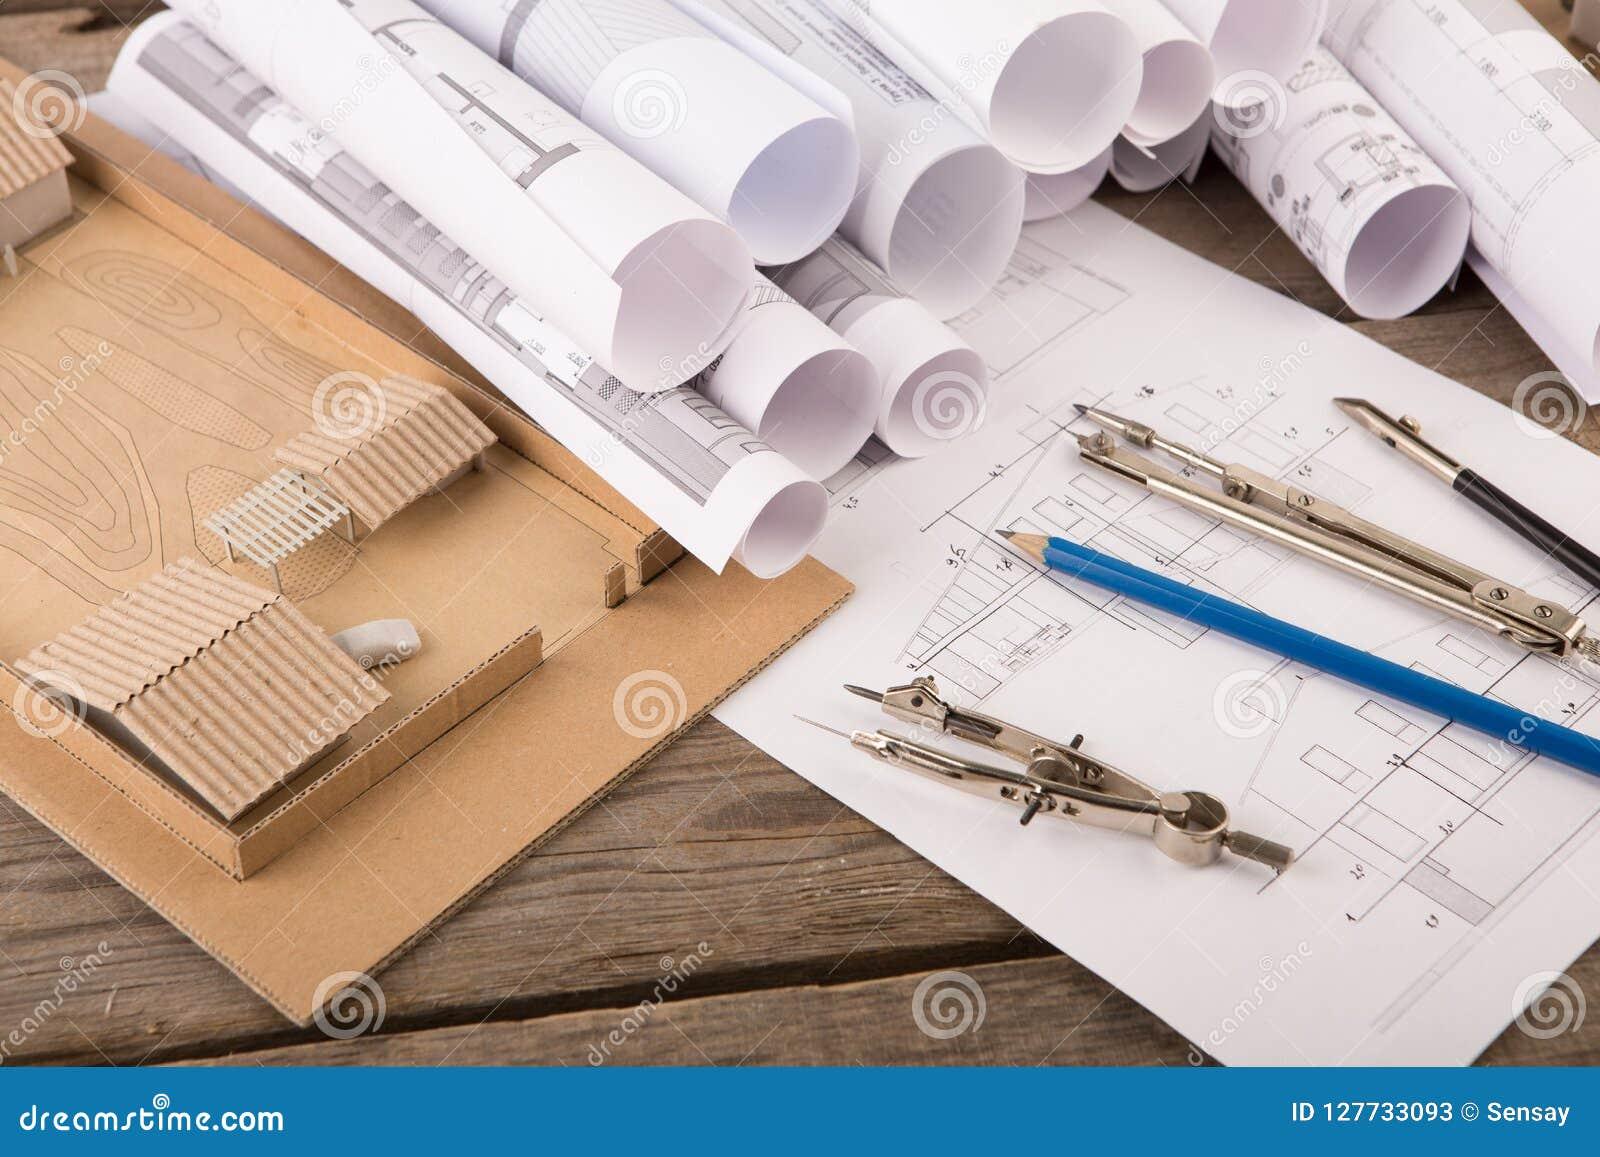 建筑师-结构图、比例模型和工具工作场所